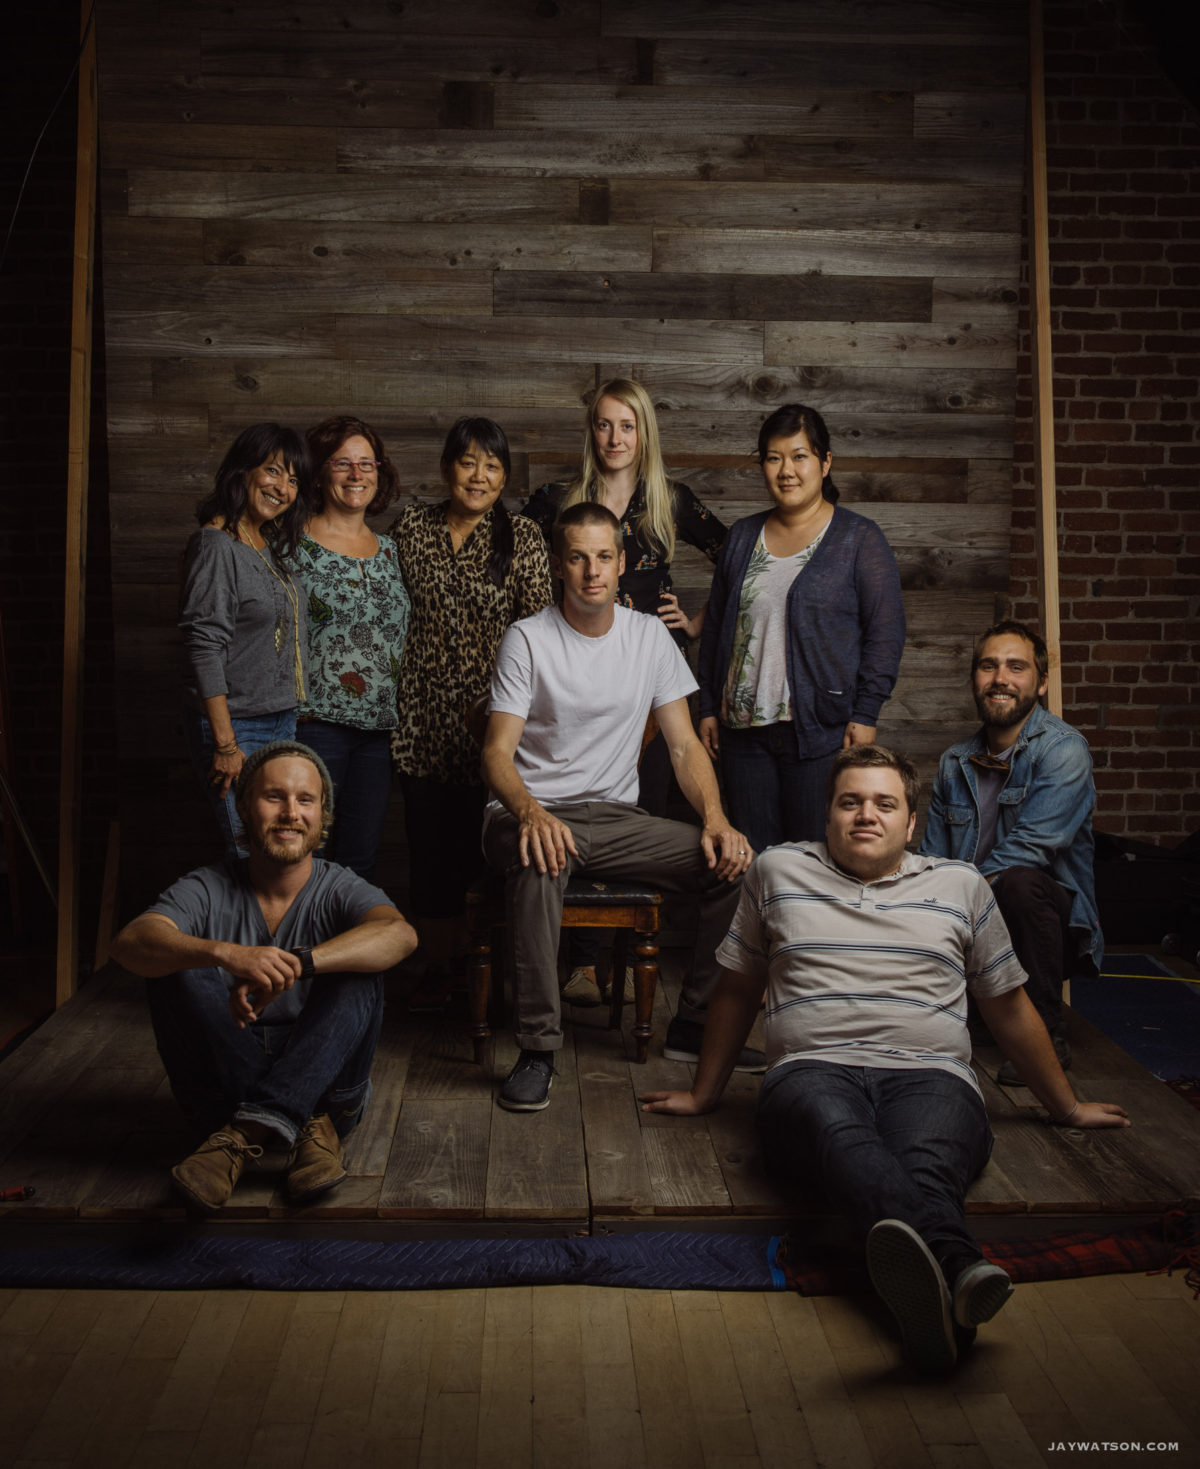 group photo of crew